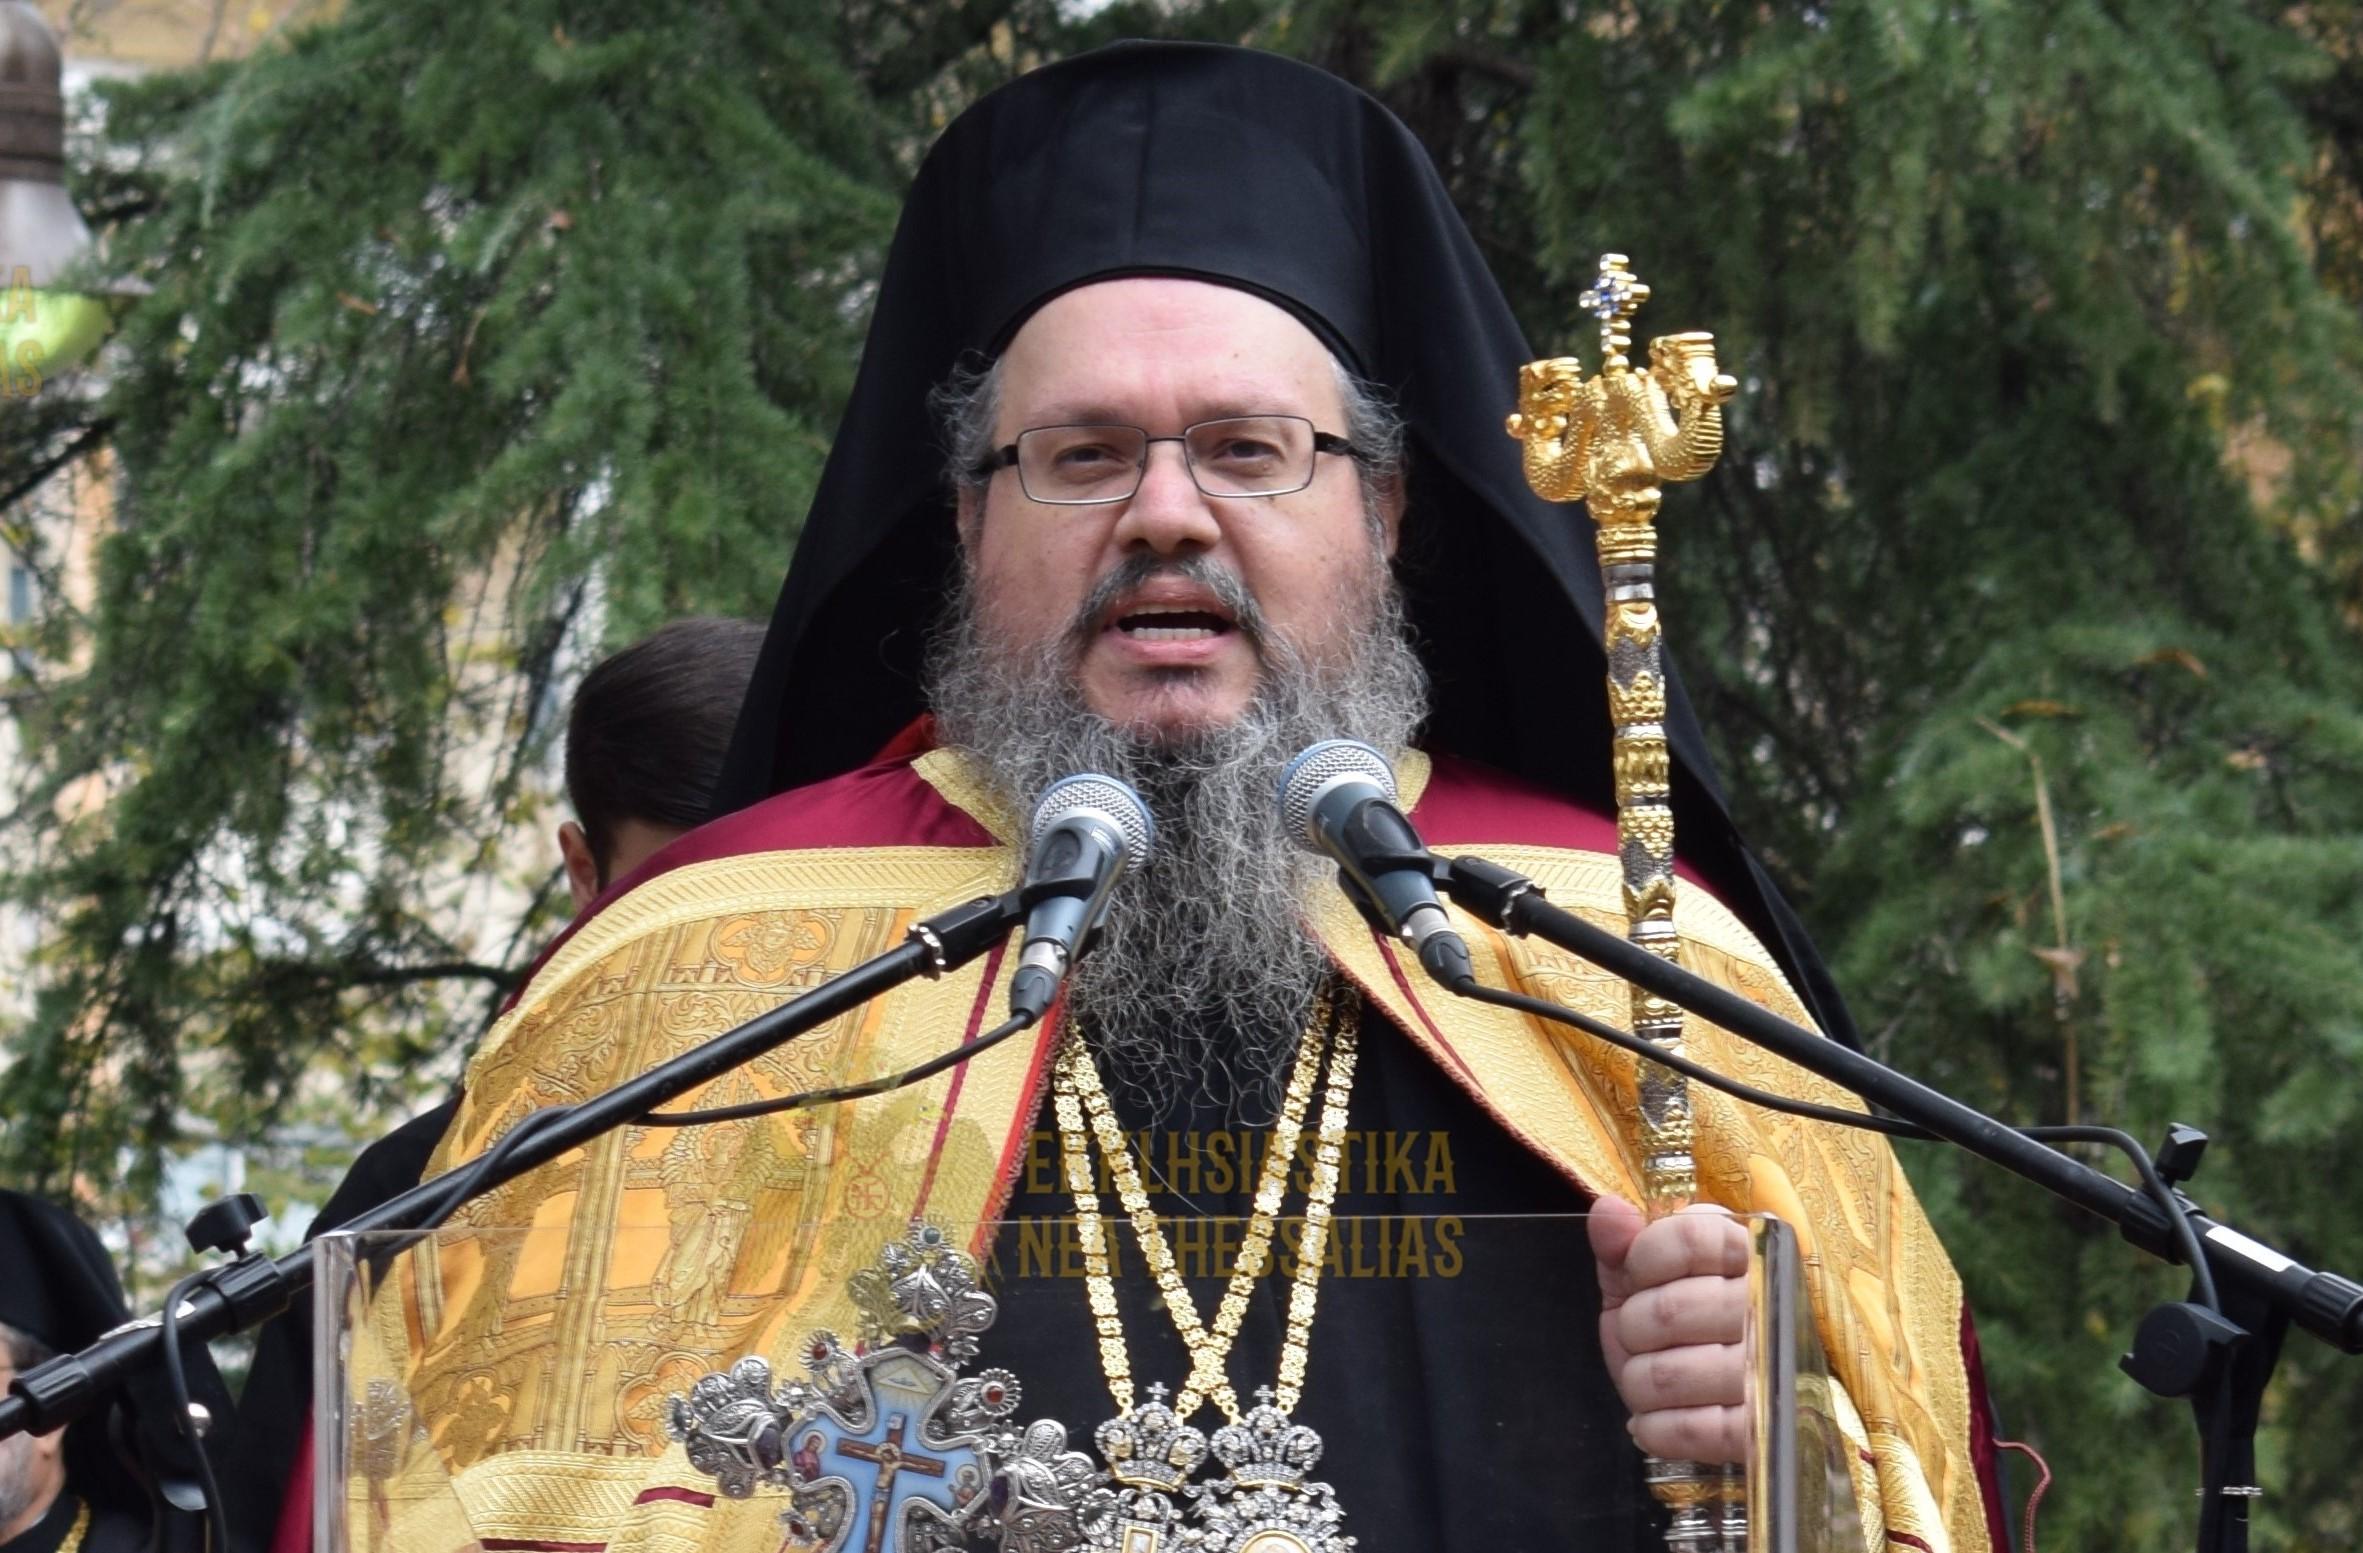 Λαρίσης Ιερώνυμος: Τα Χριστούγεννα οι άνθρωποι να ασκήσουν το δικαίωμα της δημόσιας λατρείας που είναι συνταγματικά κατοχυρωμένο